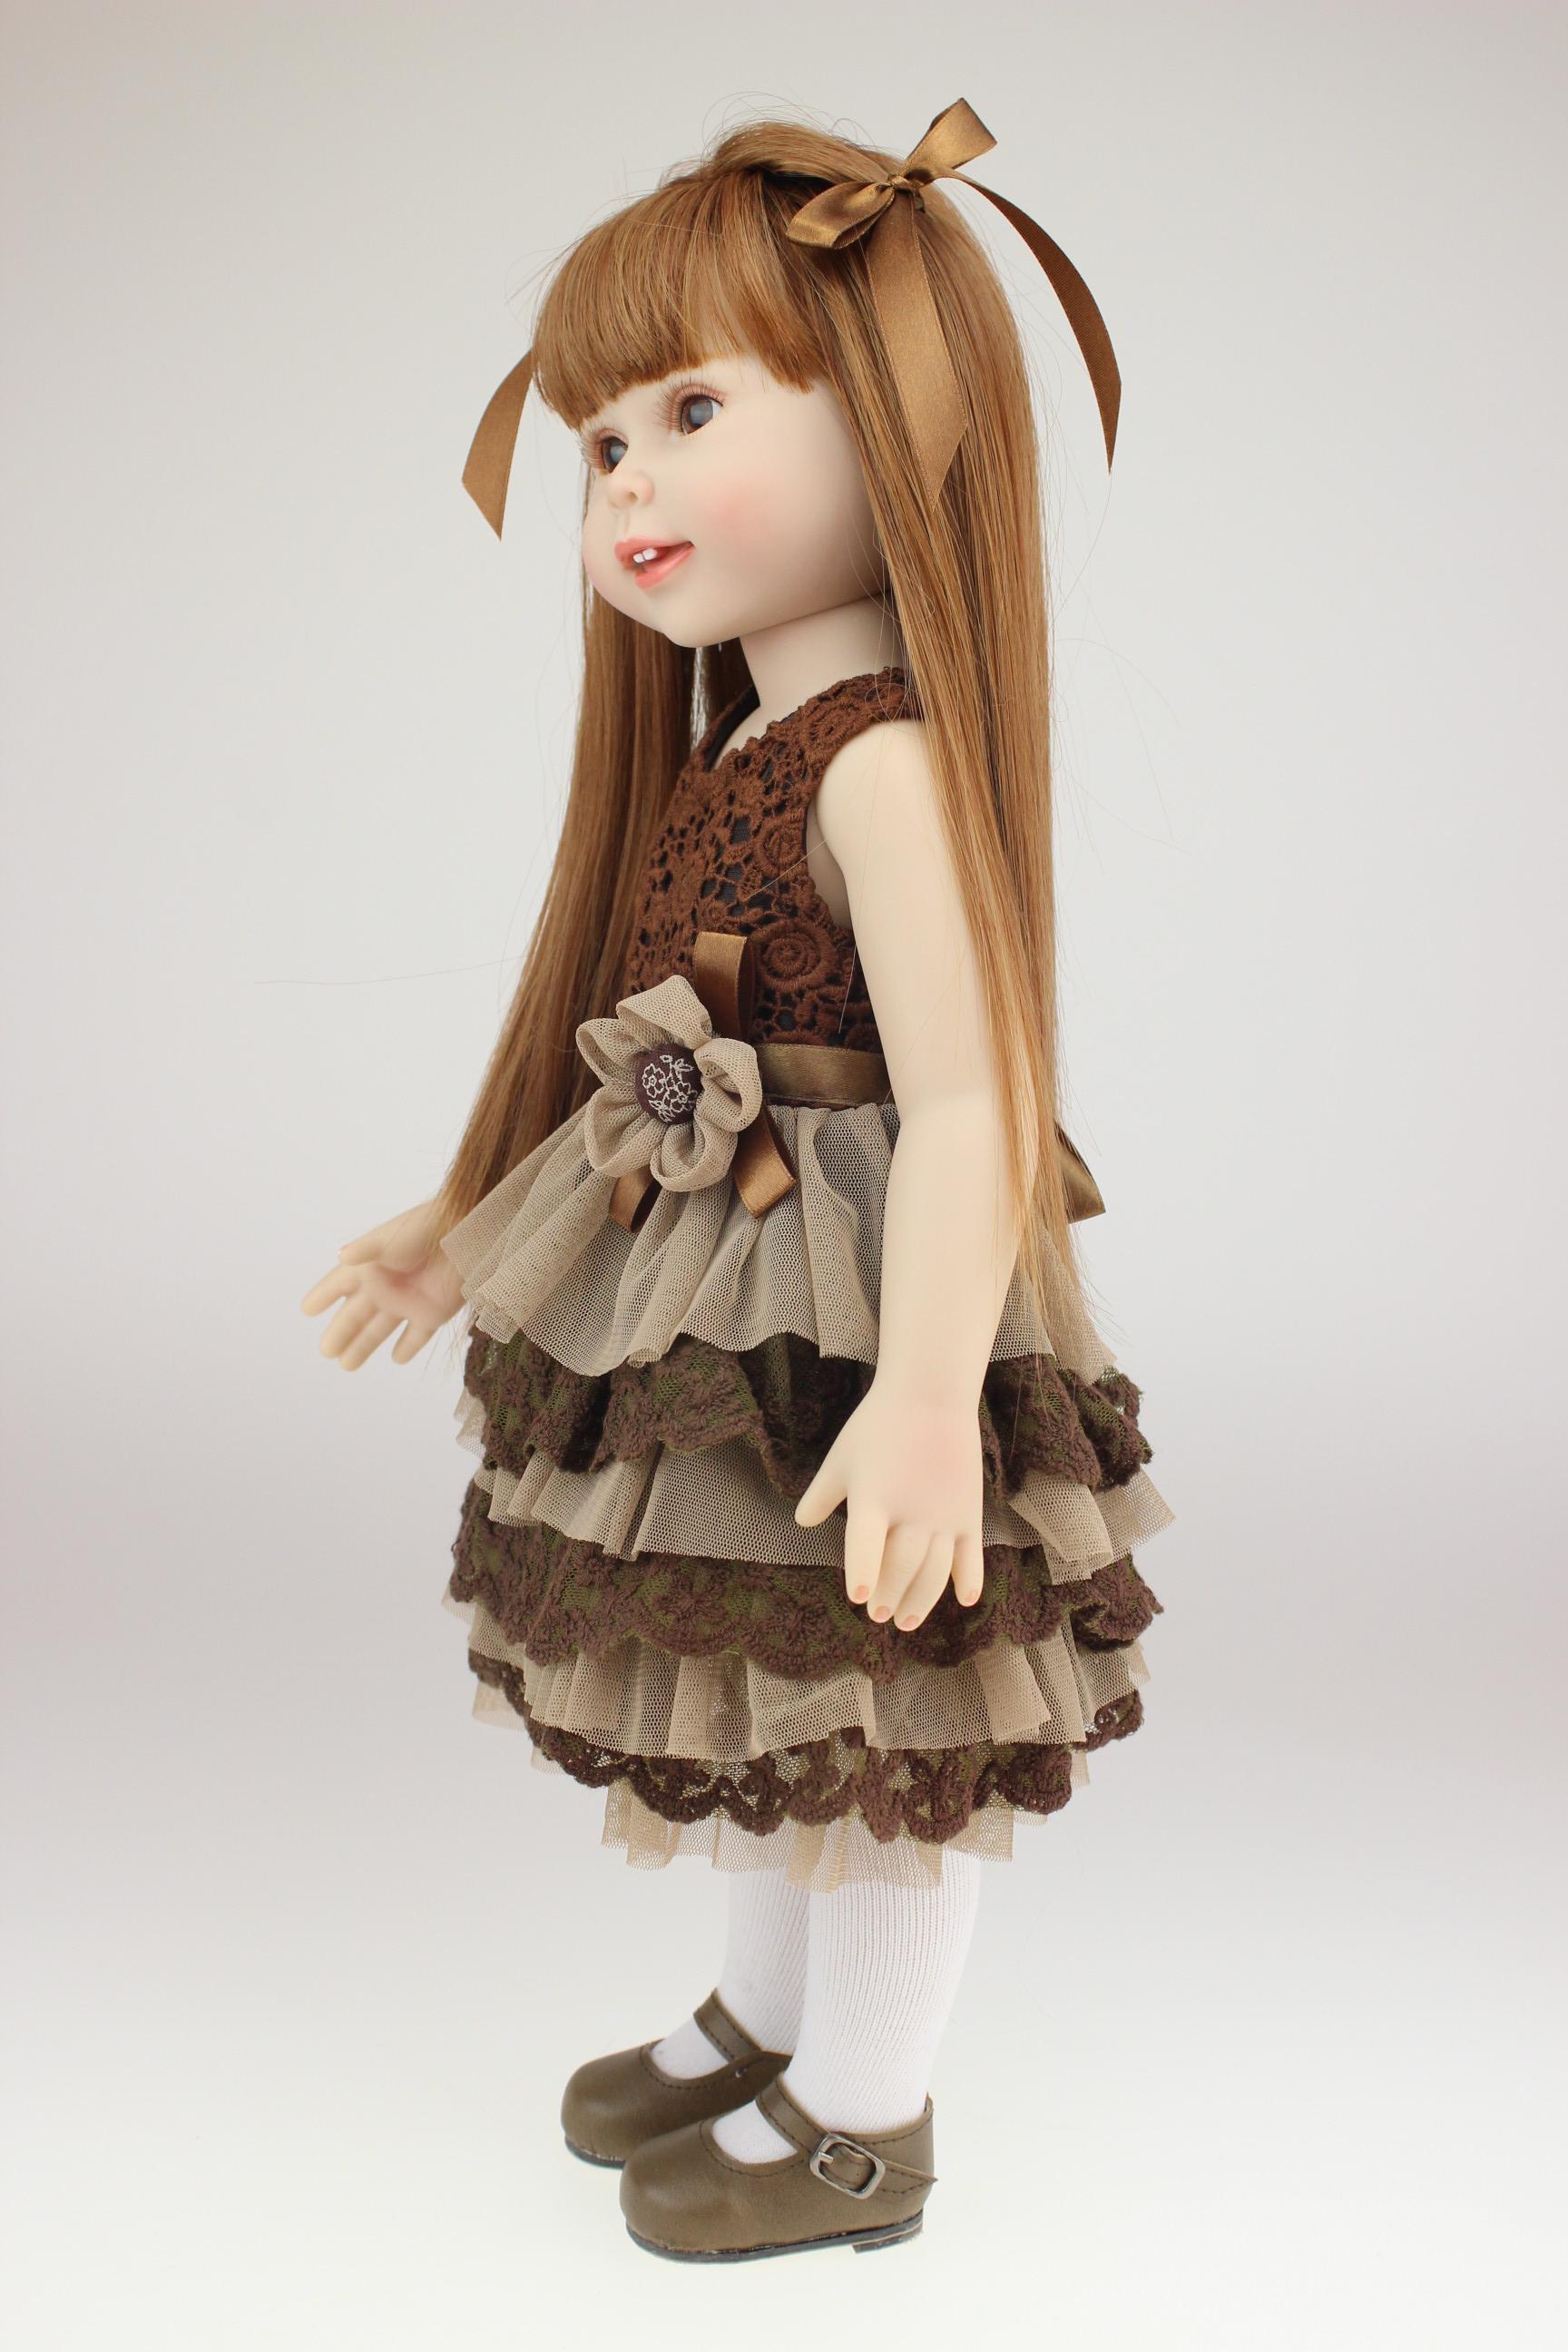 Резиновые куклы онлайн бесплатно 3 фотография